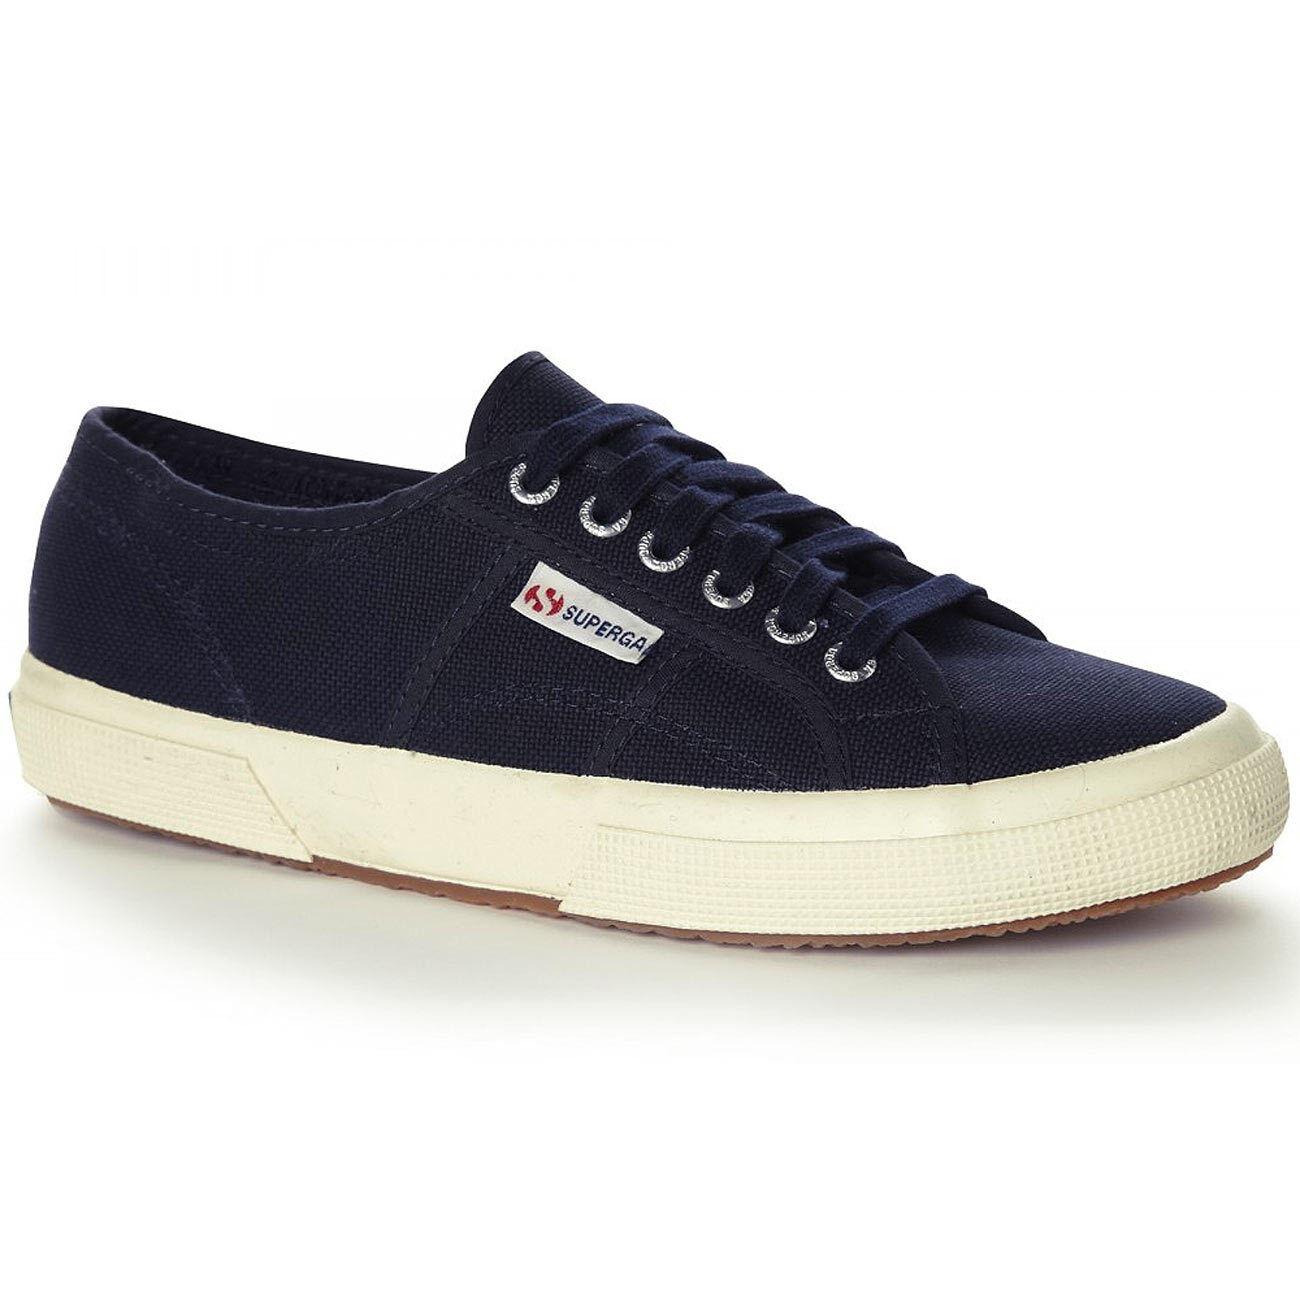 Superga 2750 Cotu Classic Unisex Sneaker dunkelblau (navy)